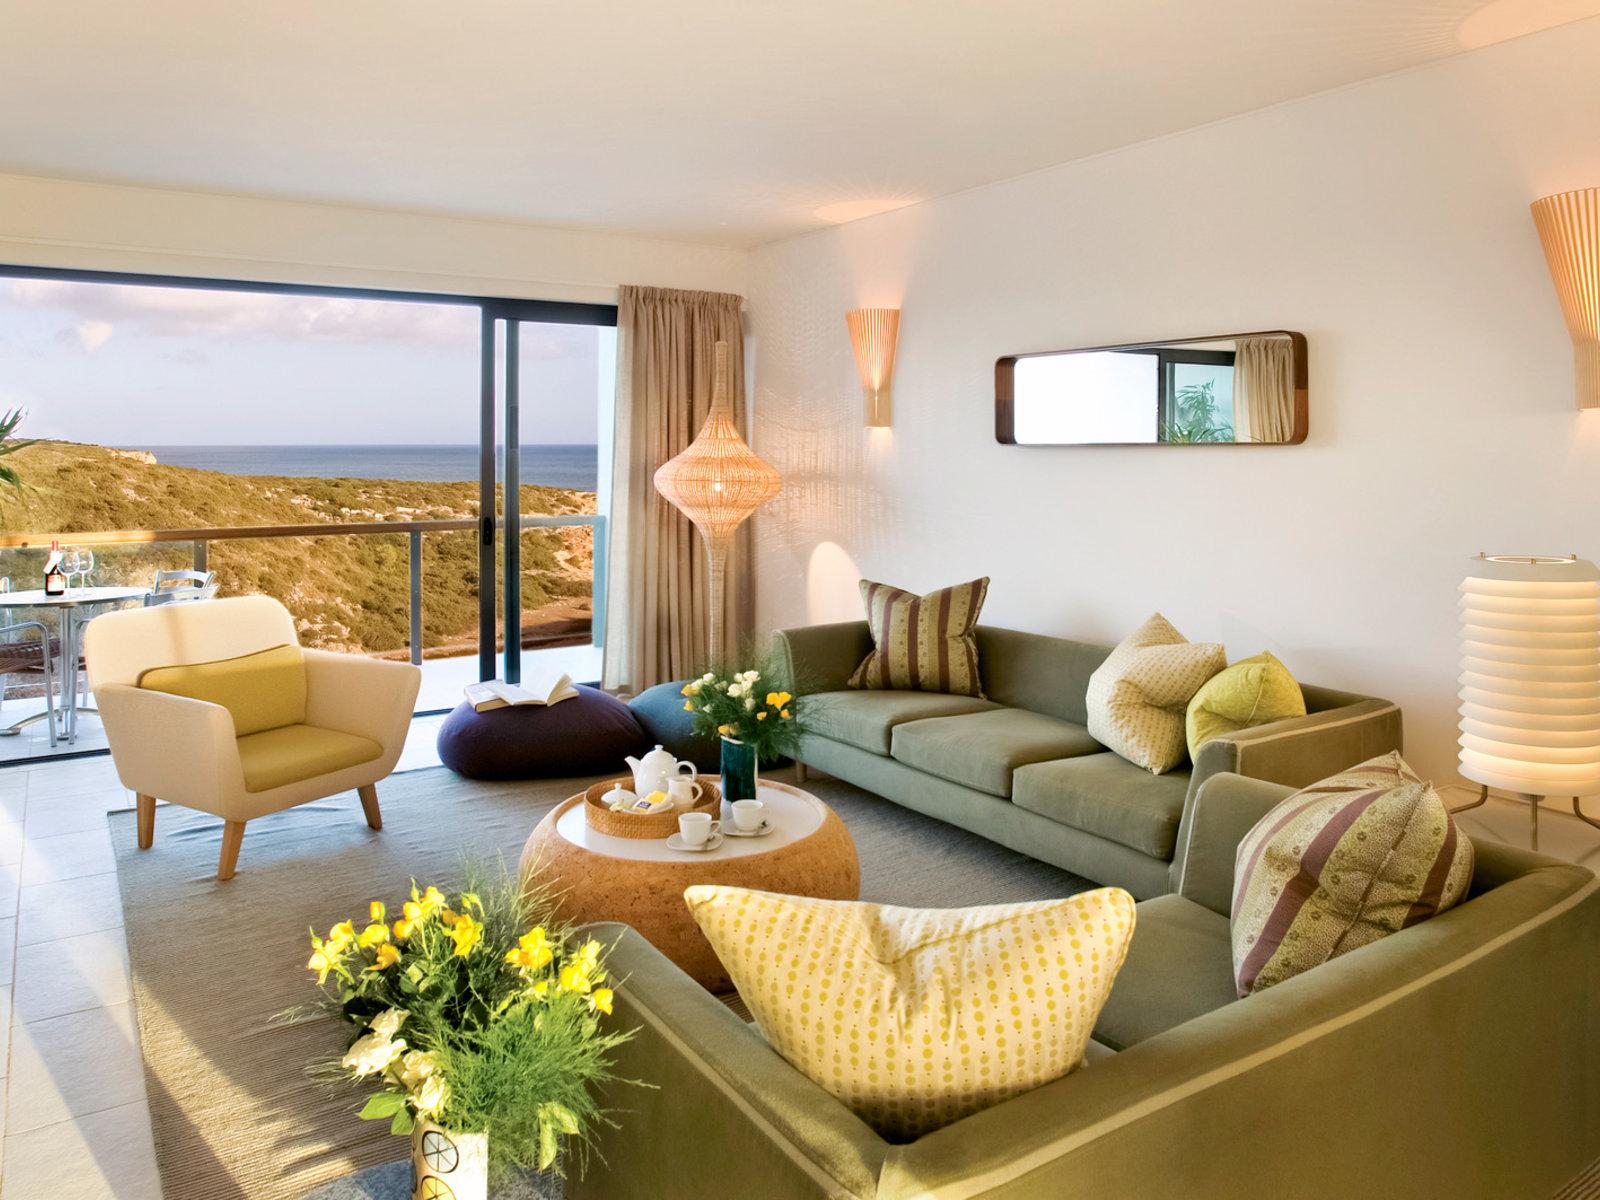 Wohnbeispiel Grand Deluxe Bay House-2bedroom